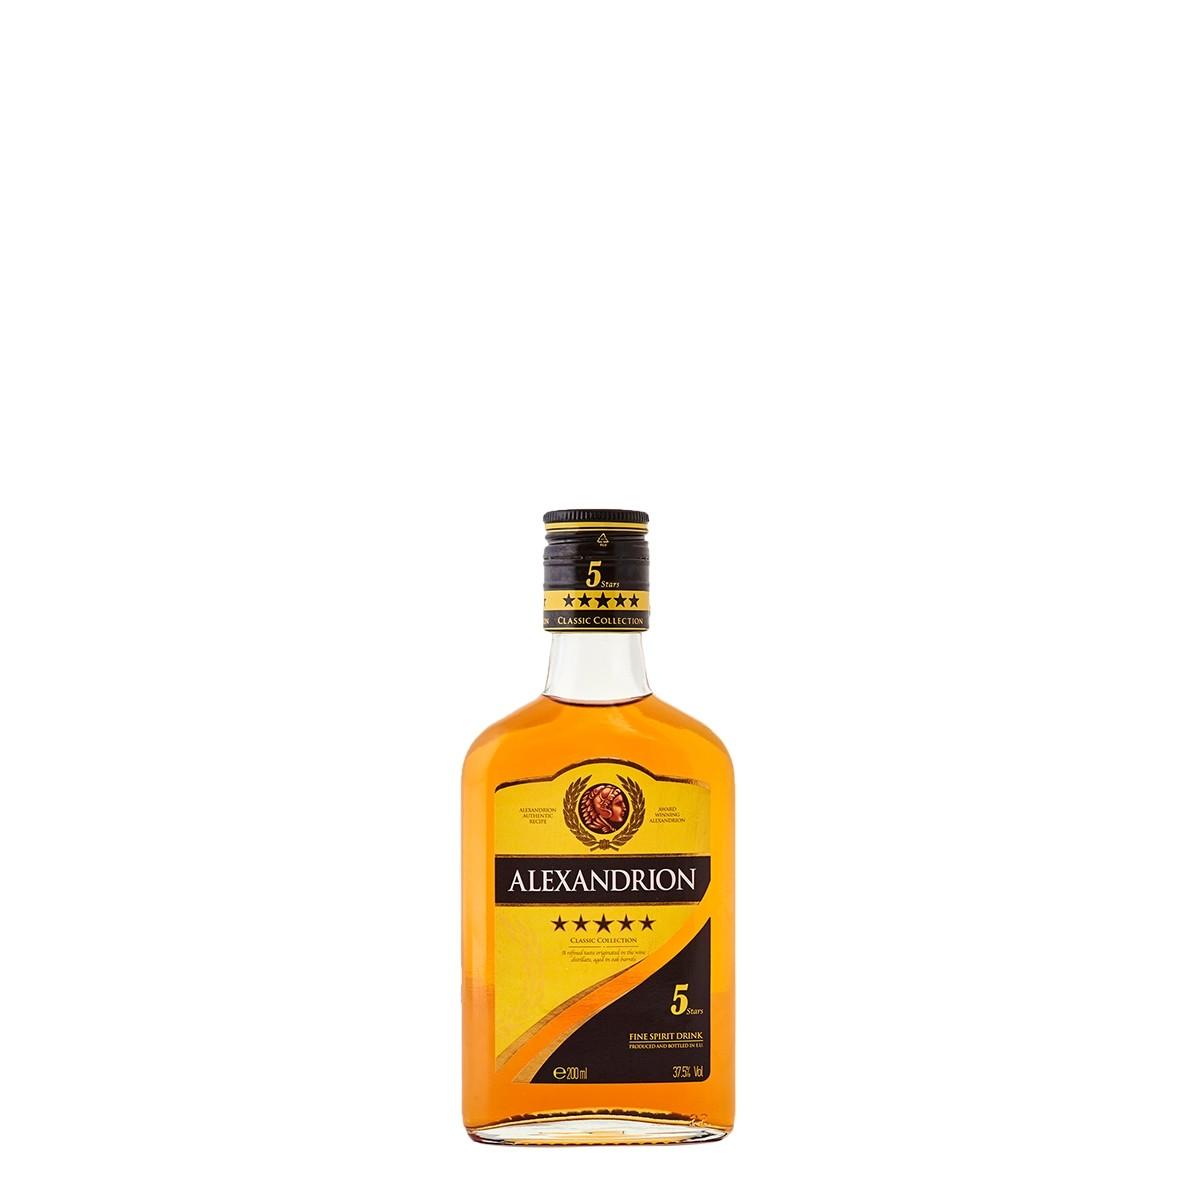 Alexandrion 5* 200 ml